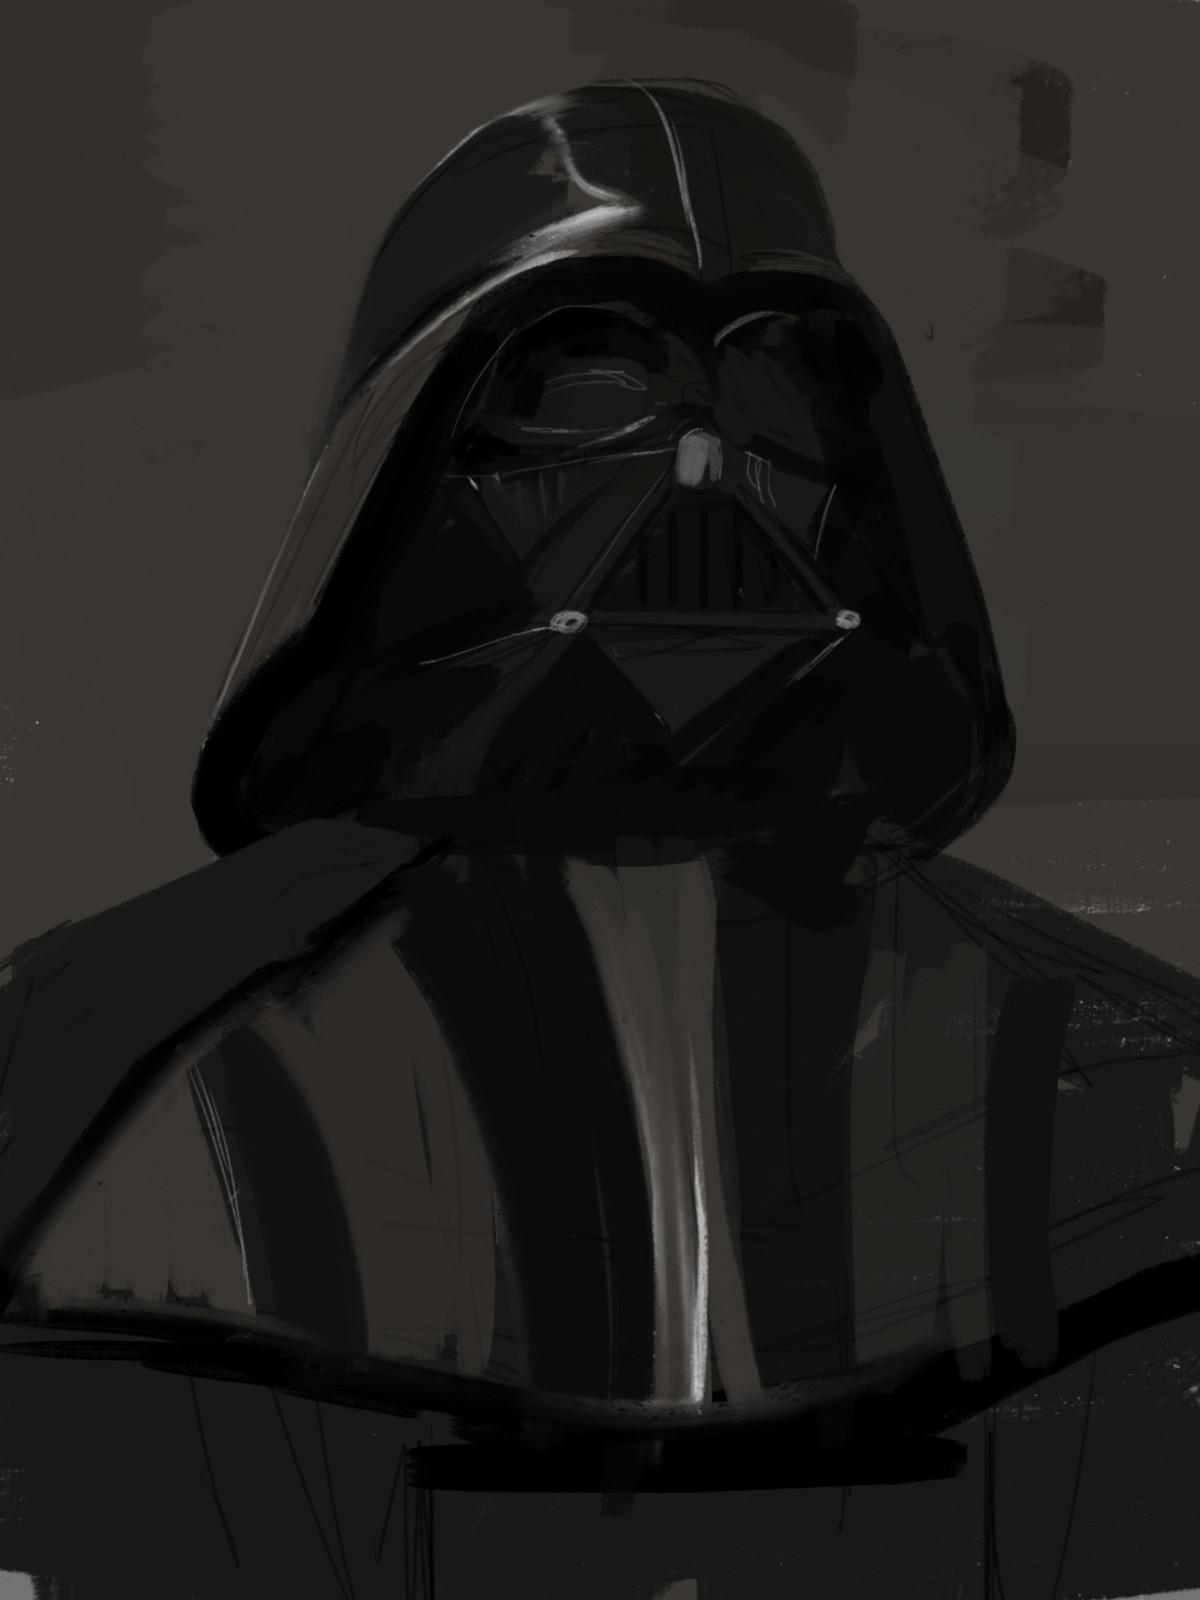 Darth Vader, Skywalker Ranch, California (2014)